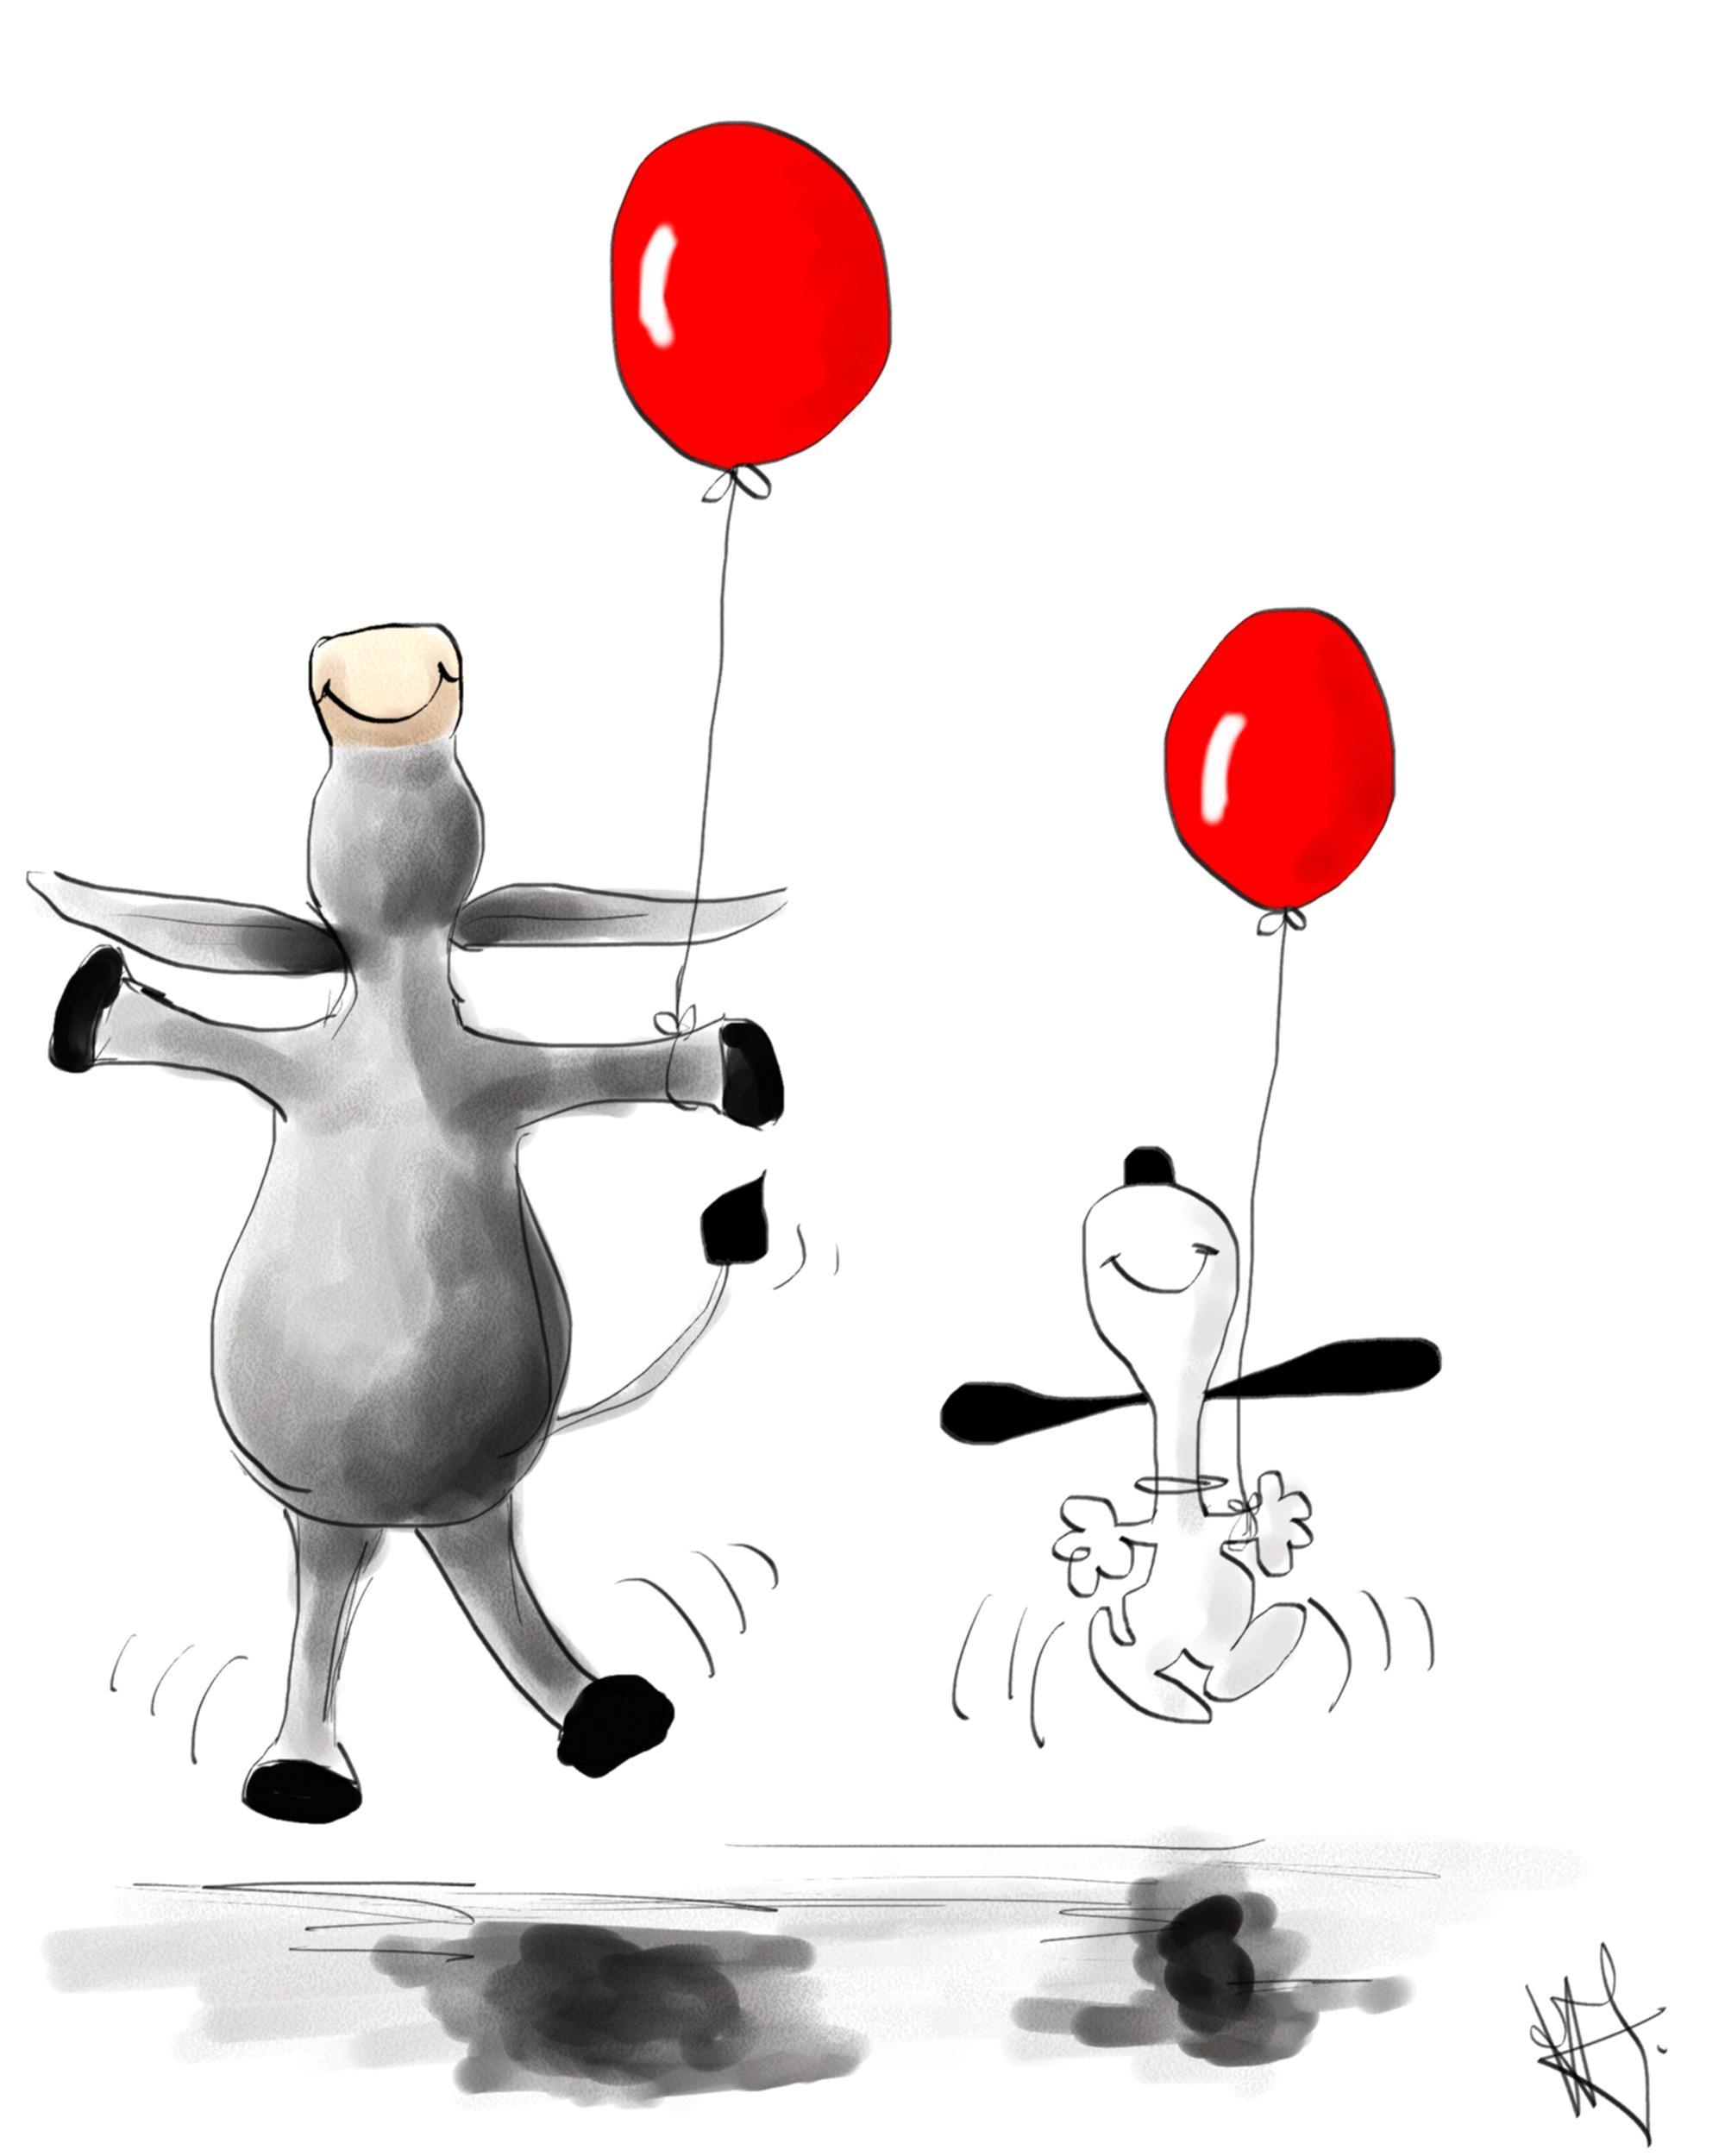 Derek & Snoopy